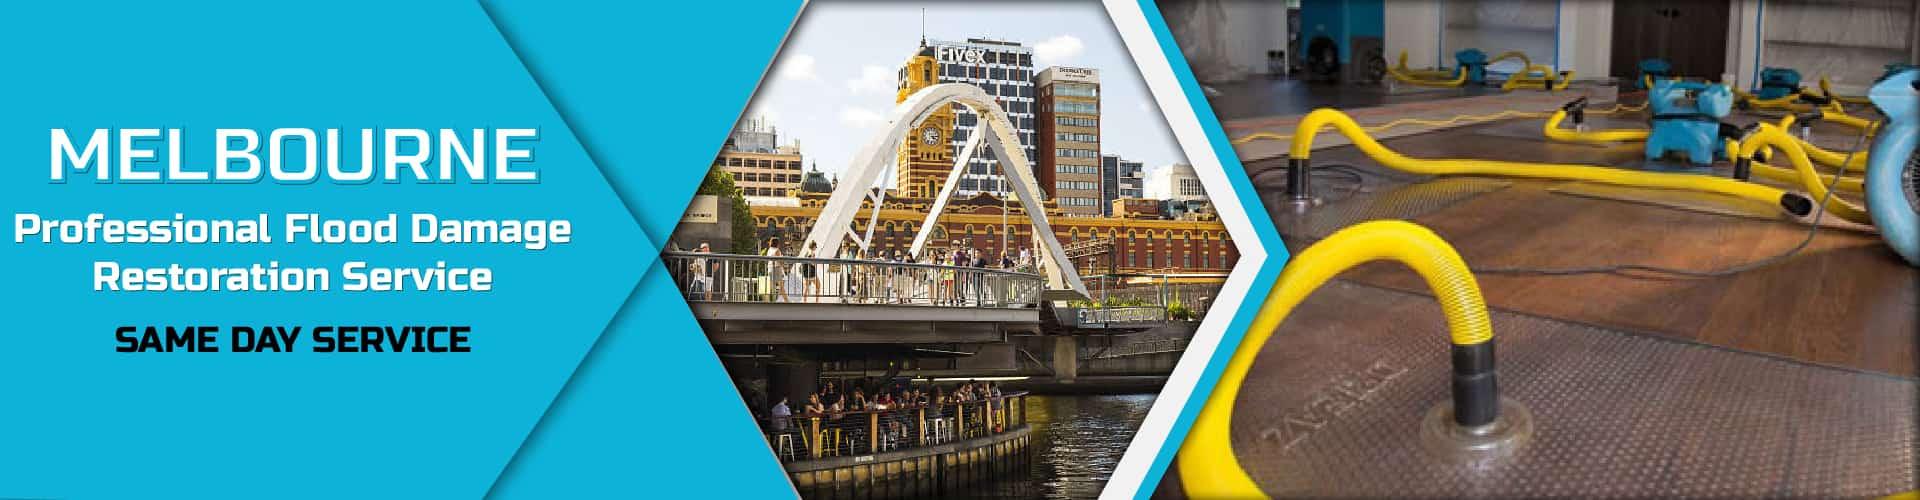 Best Flood Damage Restoration Melbourne